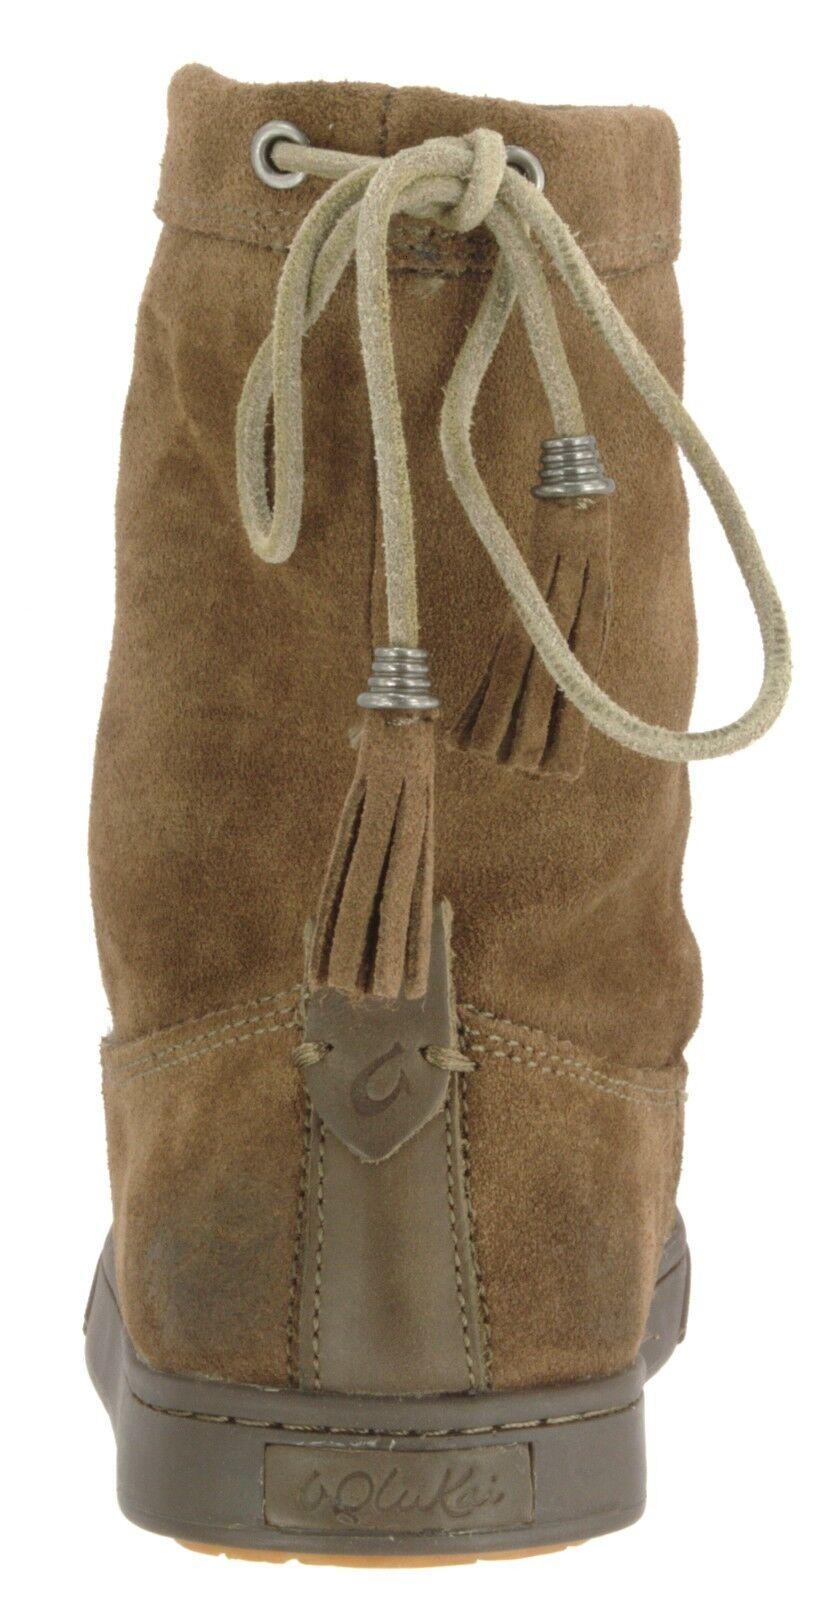 Olukai muestra 20261 para mujer de Moe engrasado engrasado engrasado cuero de gamuza Kapa Baja botas US 7 EU 37 623870